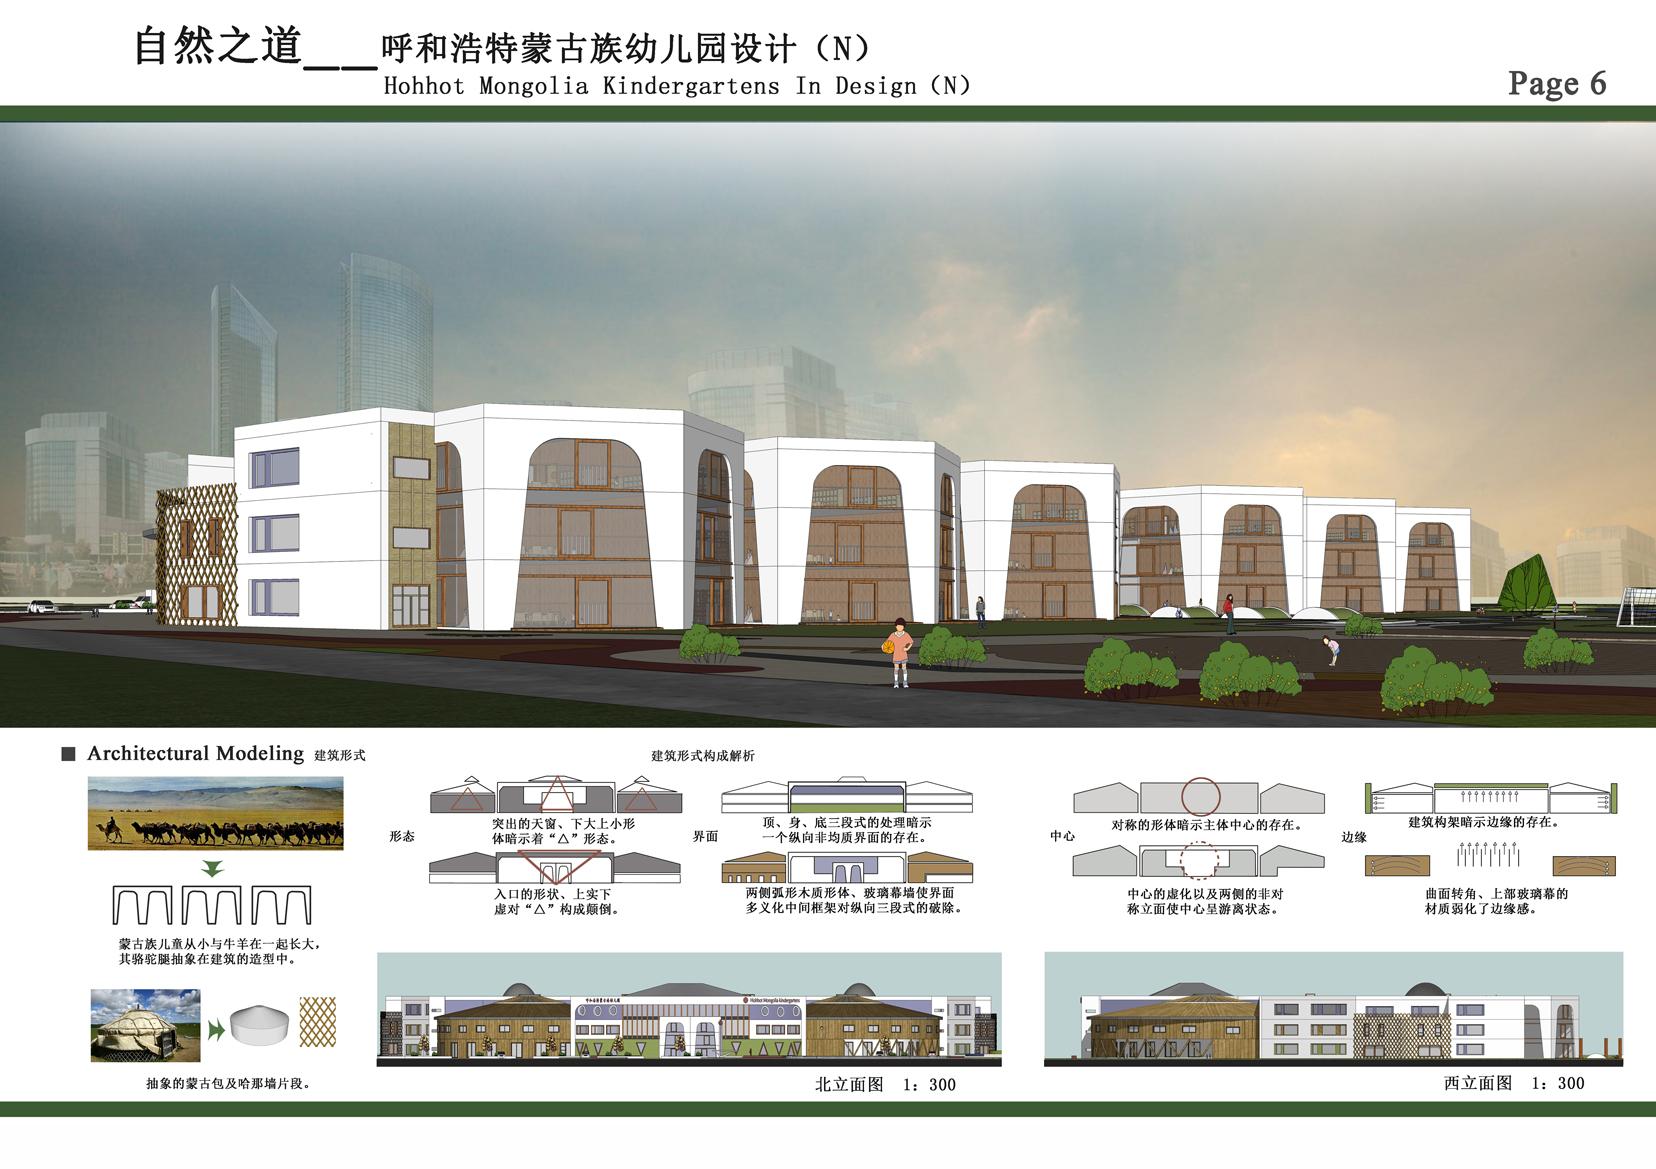 蒙古族幼儿园建筑设计方案 第6张